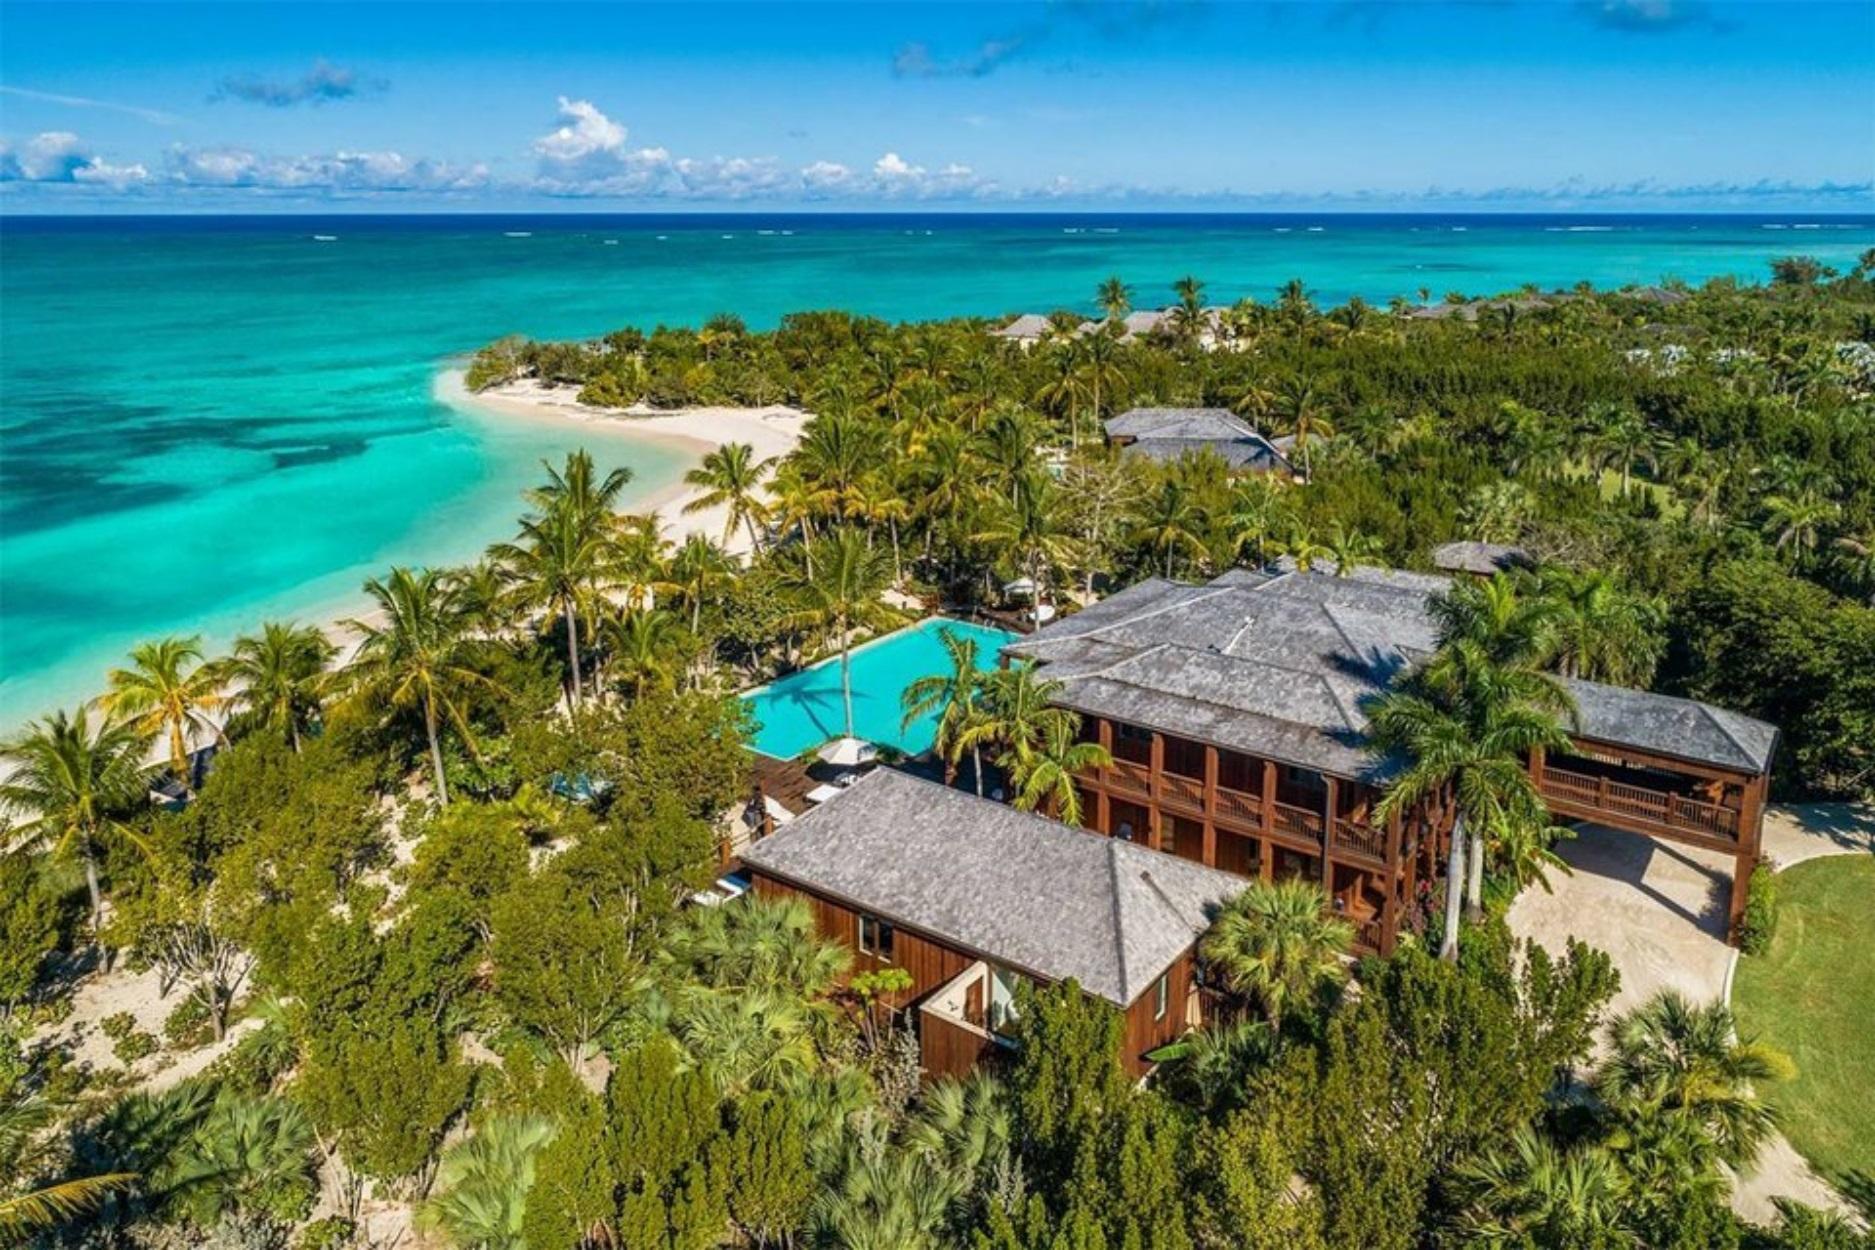 Δείτε το απίστευτο σπίτι των 33 εκ. δολαρίων του Μπρους Γουίλις στην Καραιβική